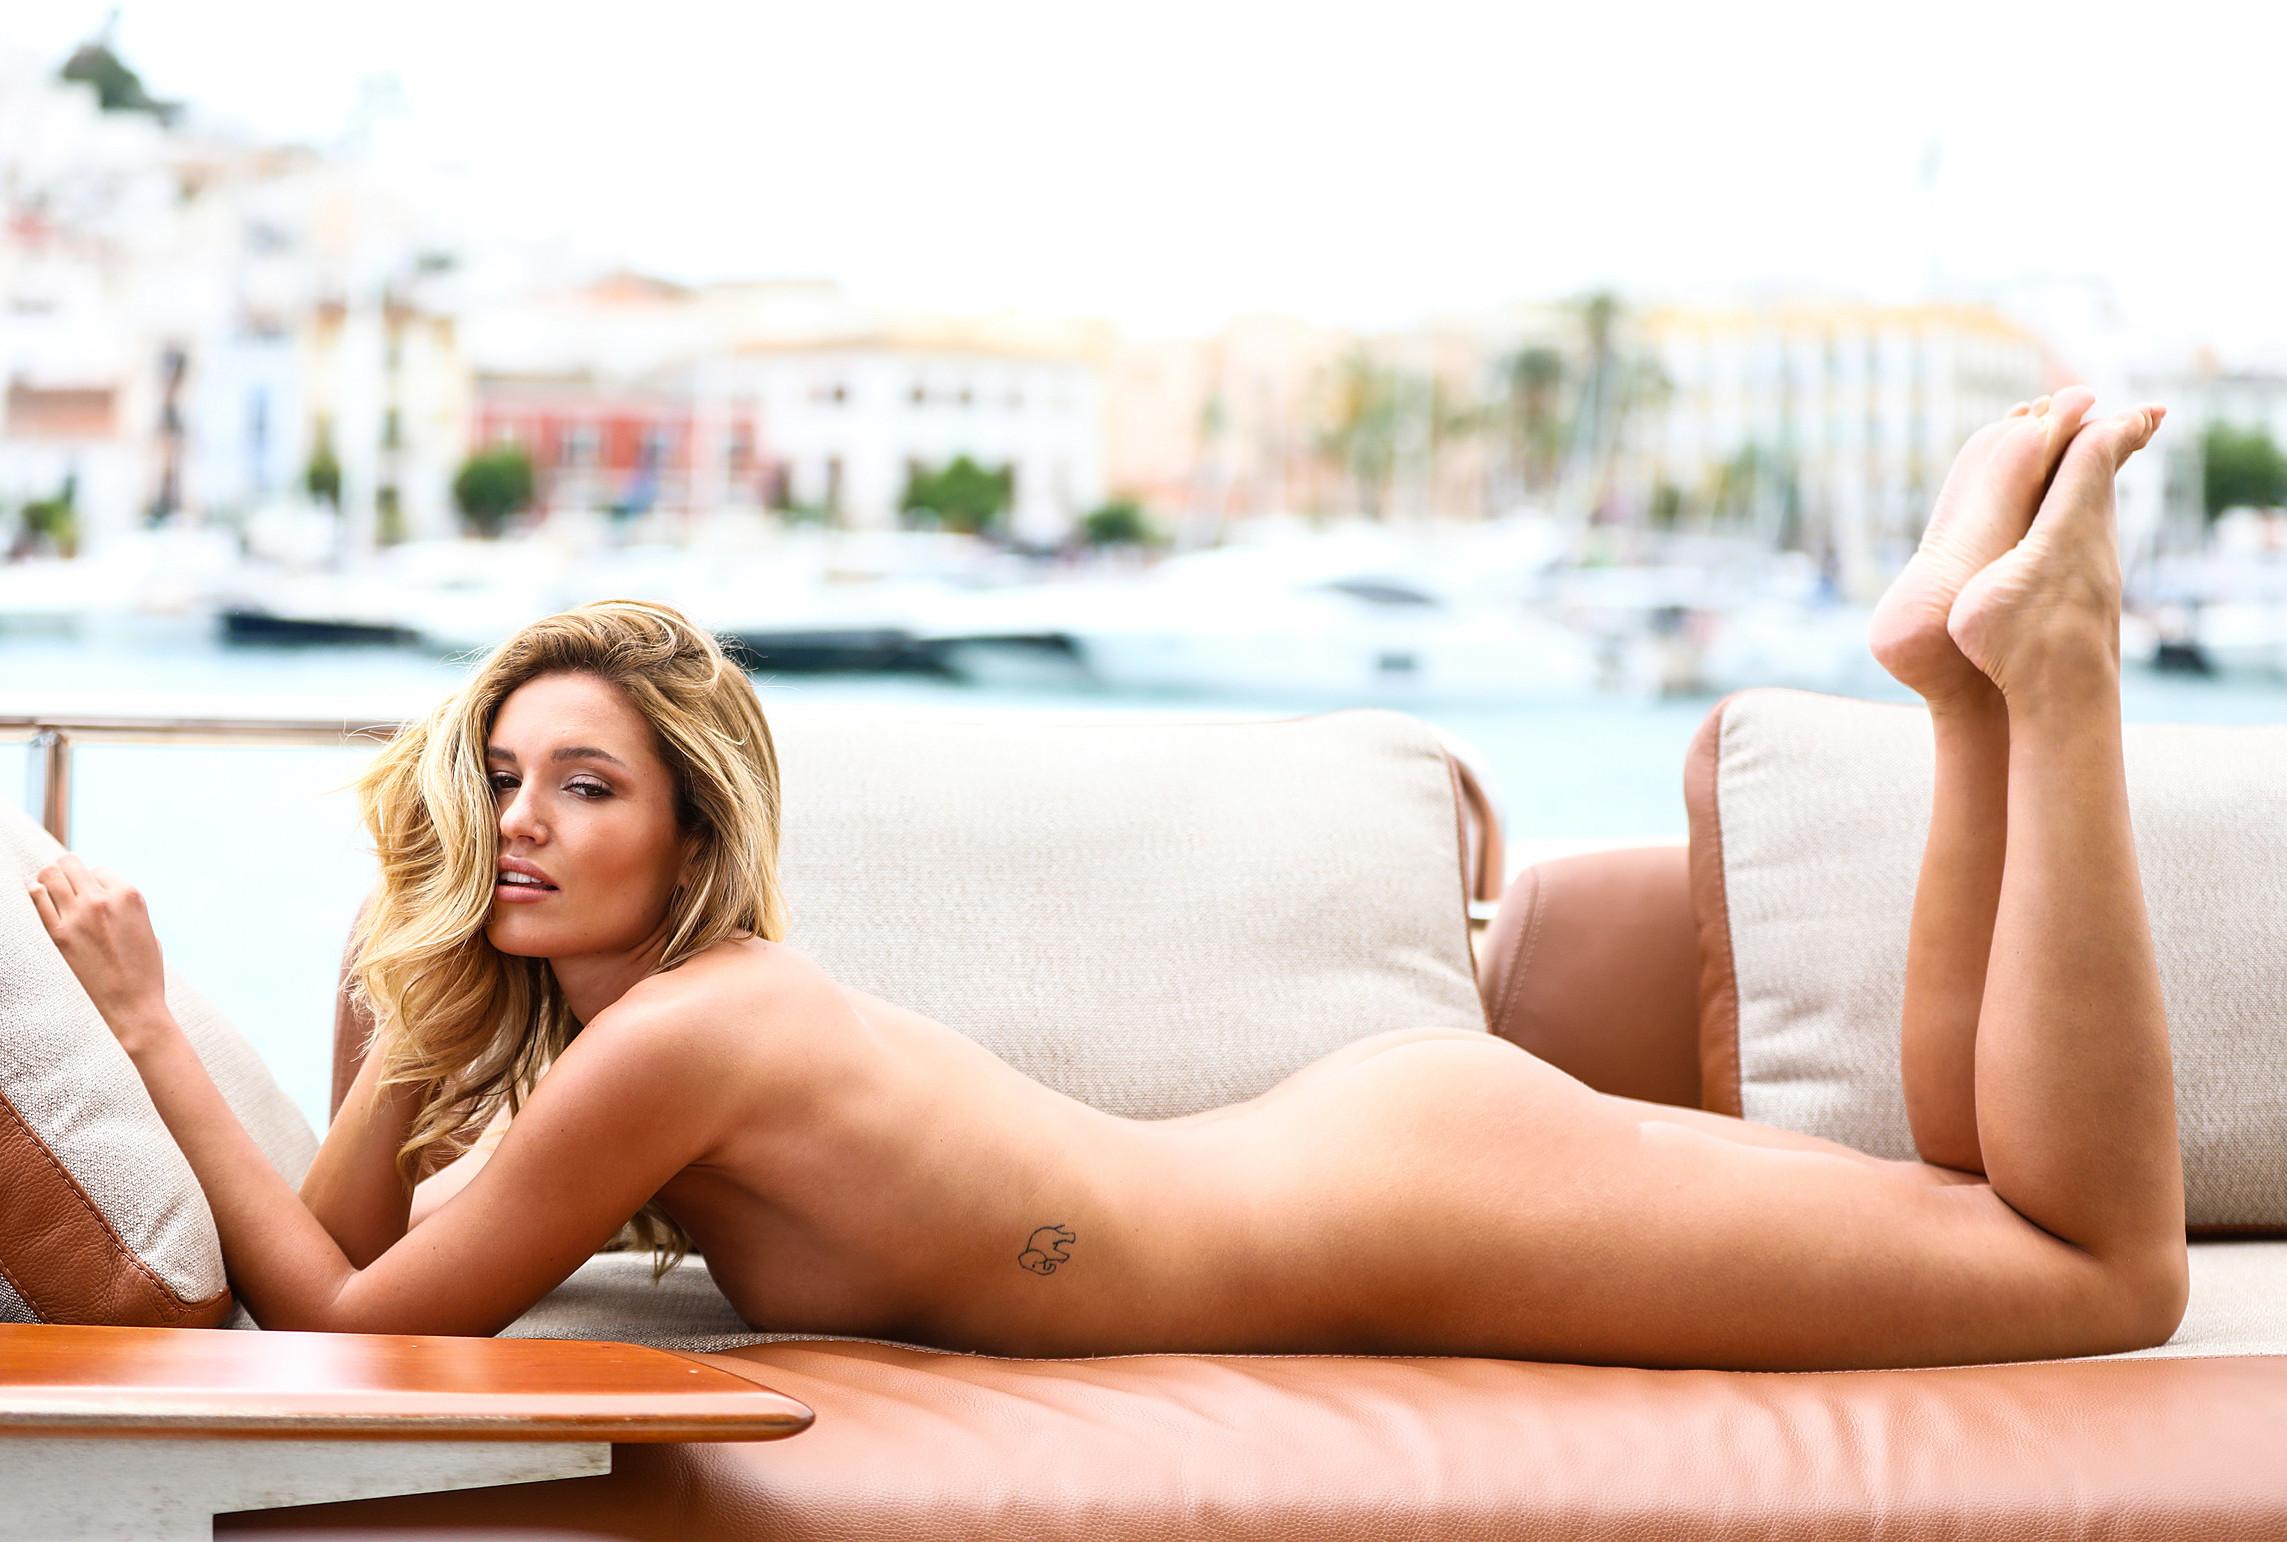 Nackt bilder woth bleicher Heiße Pose: